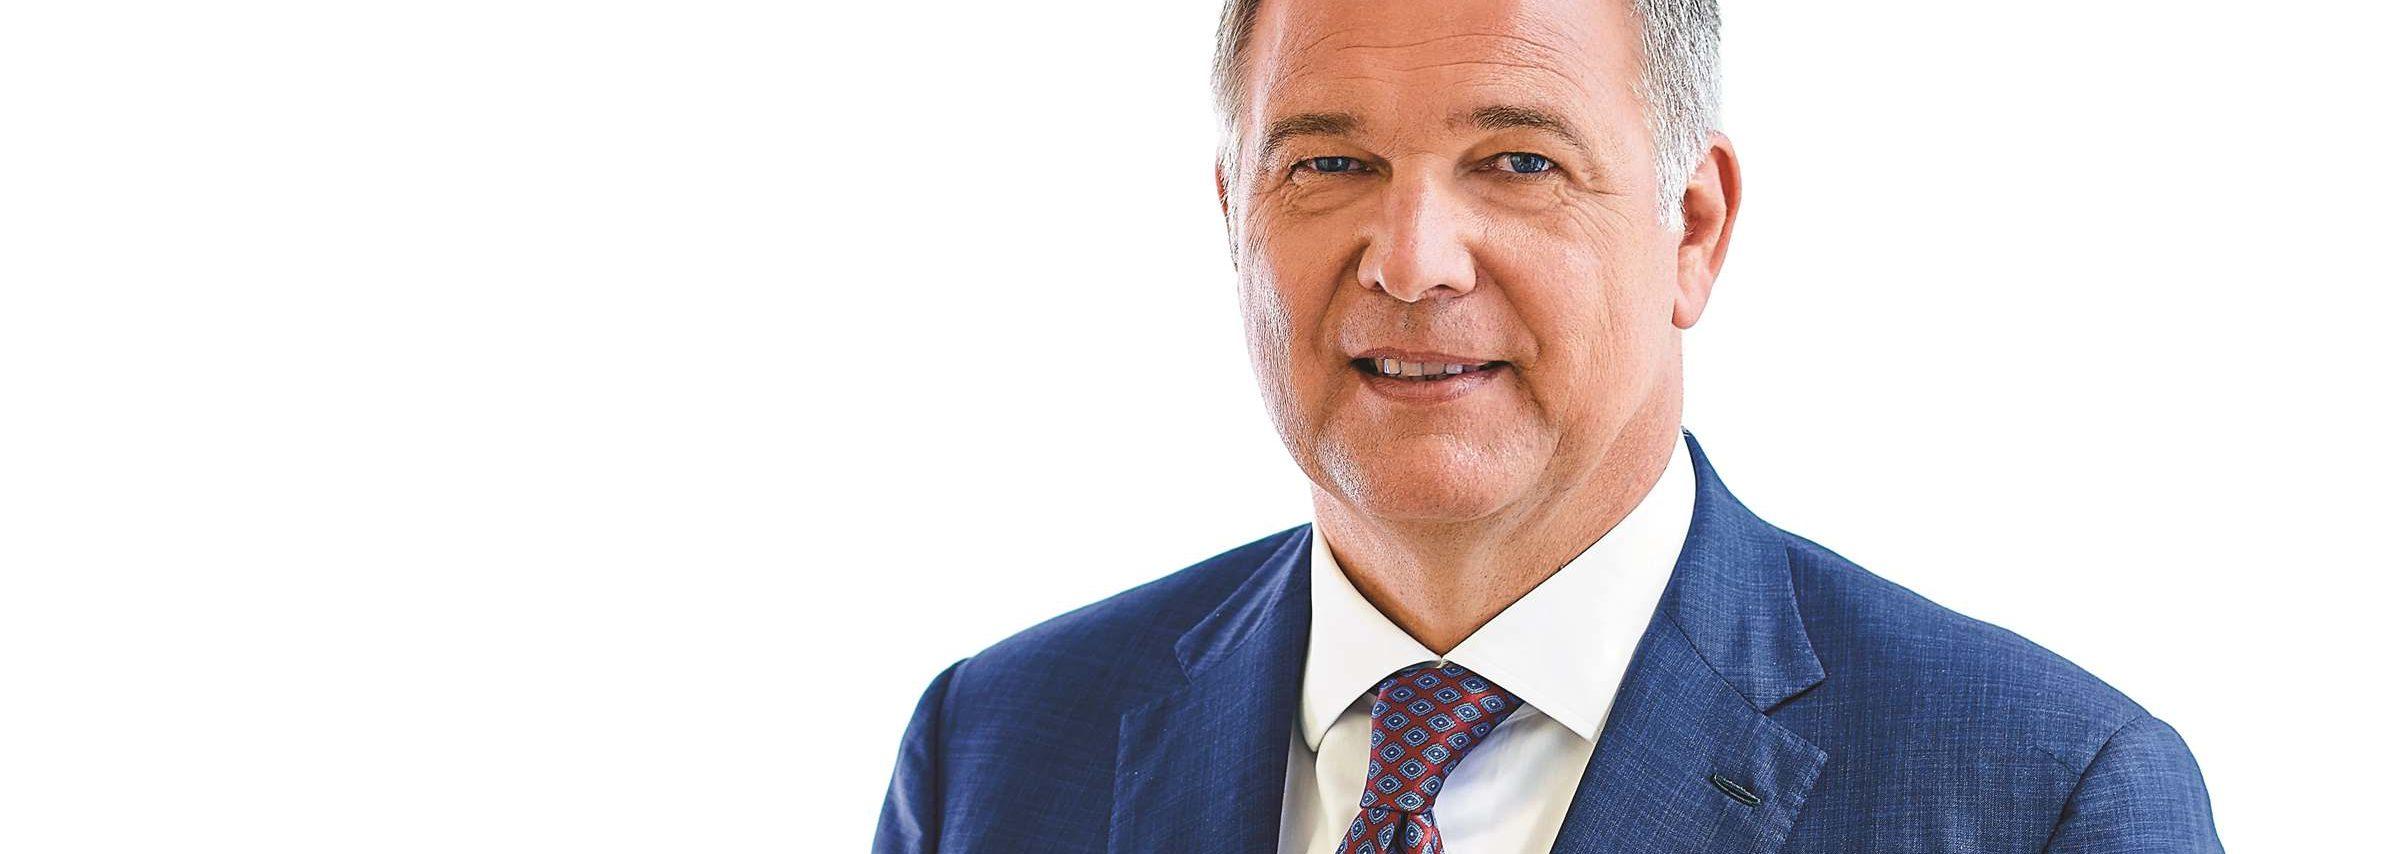 ÖGV Nachrichten: Reden wir über die Zukunft mit Walter Ruck